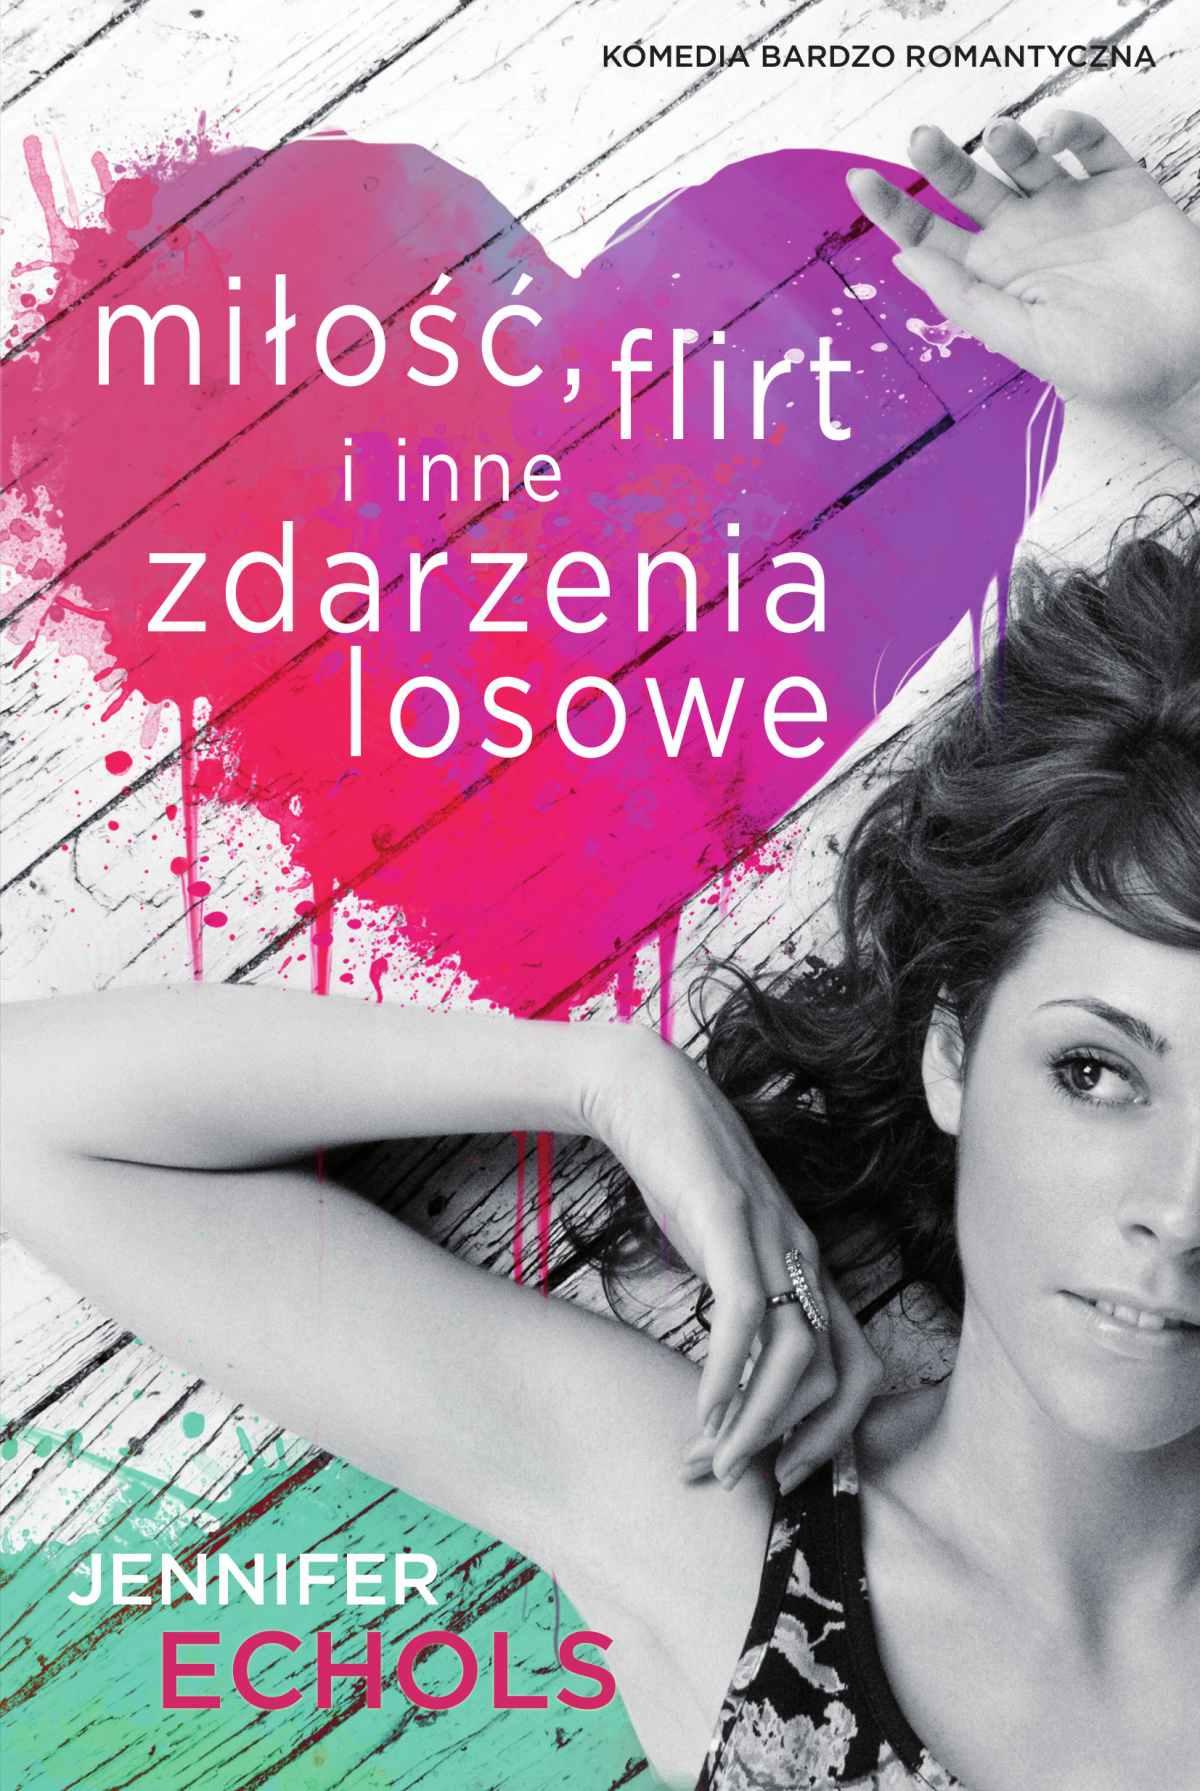 Miłość, flirt i inne zdarzenia losowe - Ebook (Książka EPUB) do pobrania w formacie EPUB